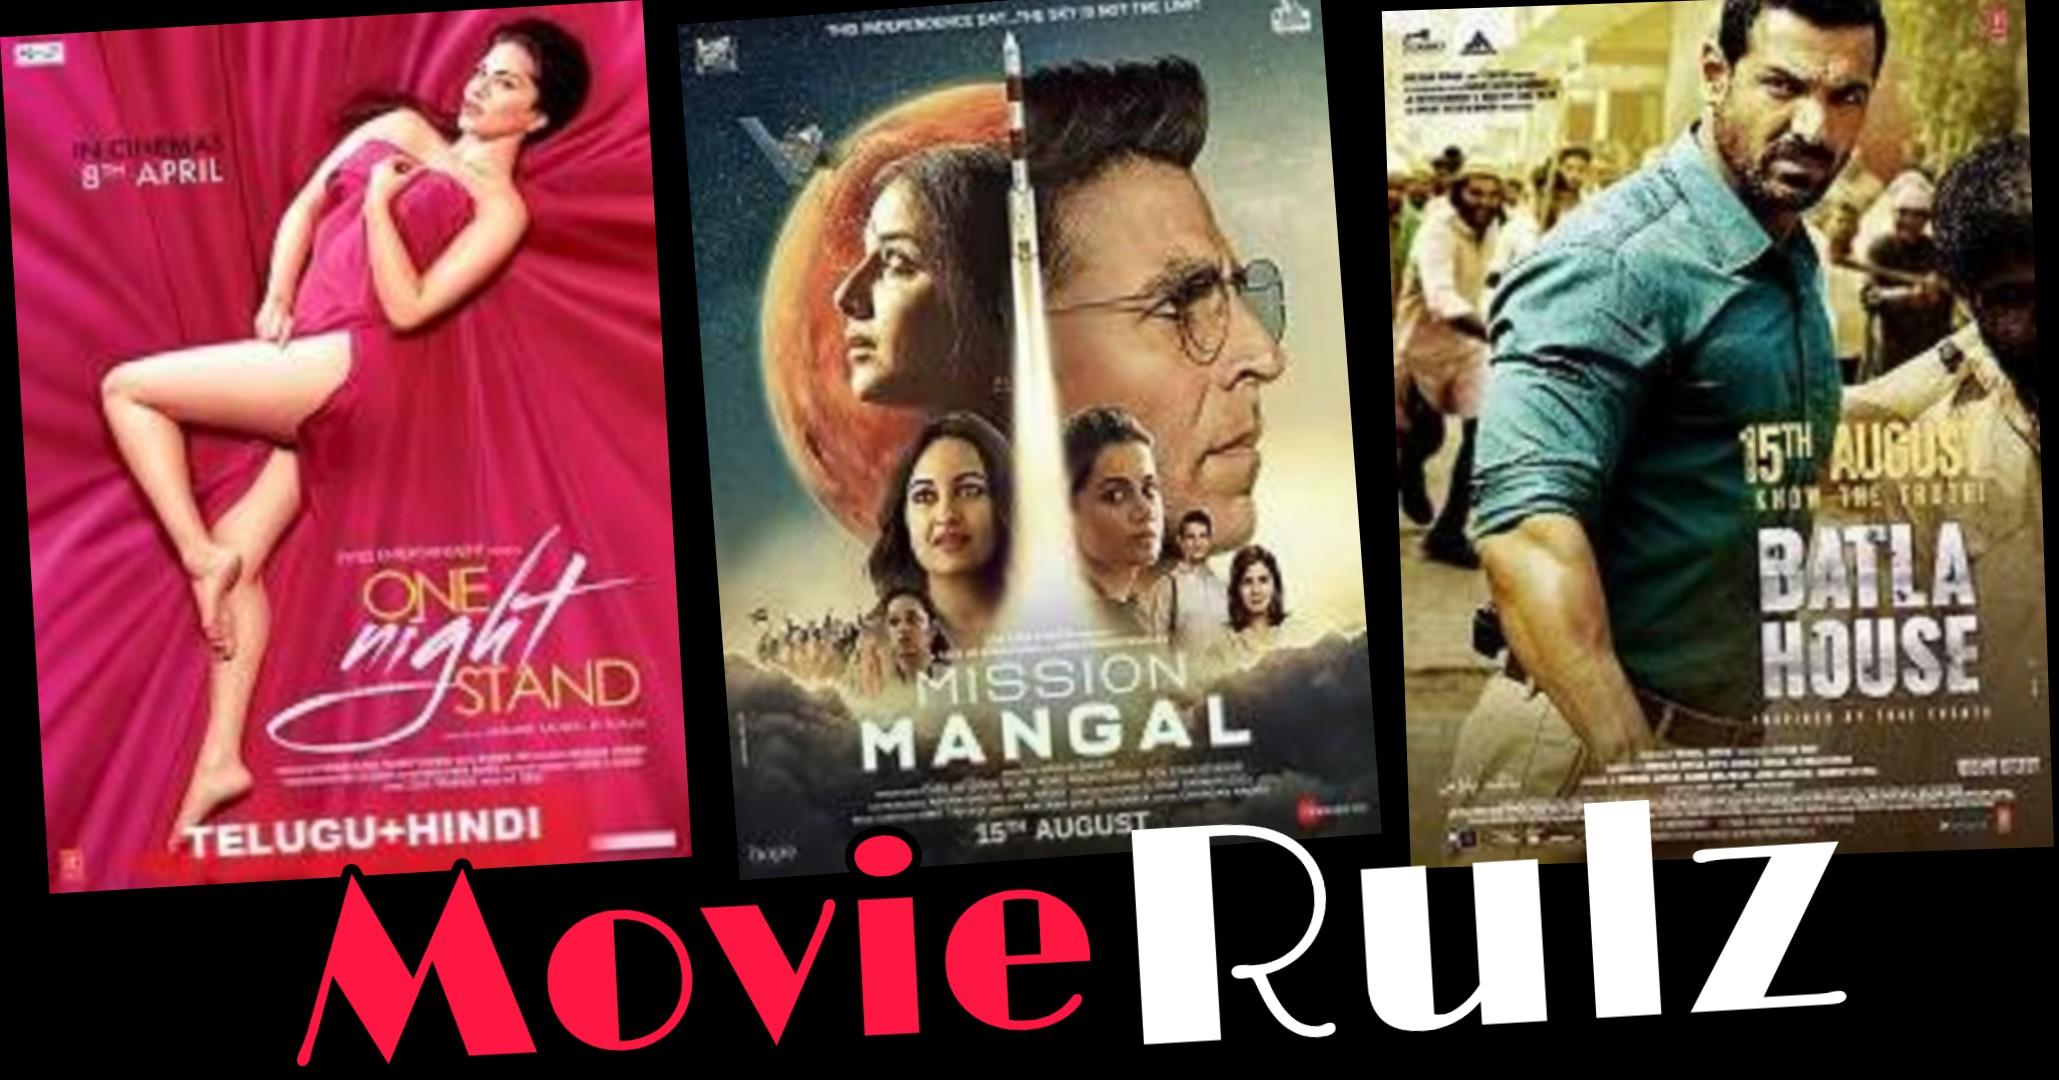 Movierulz Hd Movies | MovieRulz Telugu movies |Movierulz malayalam movies